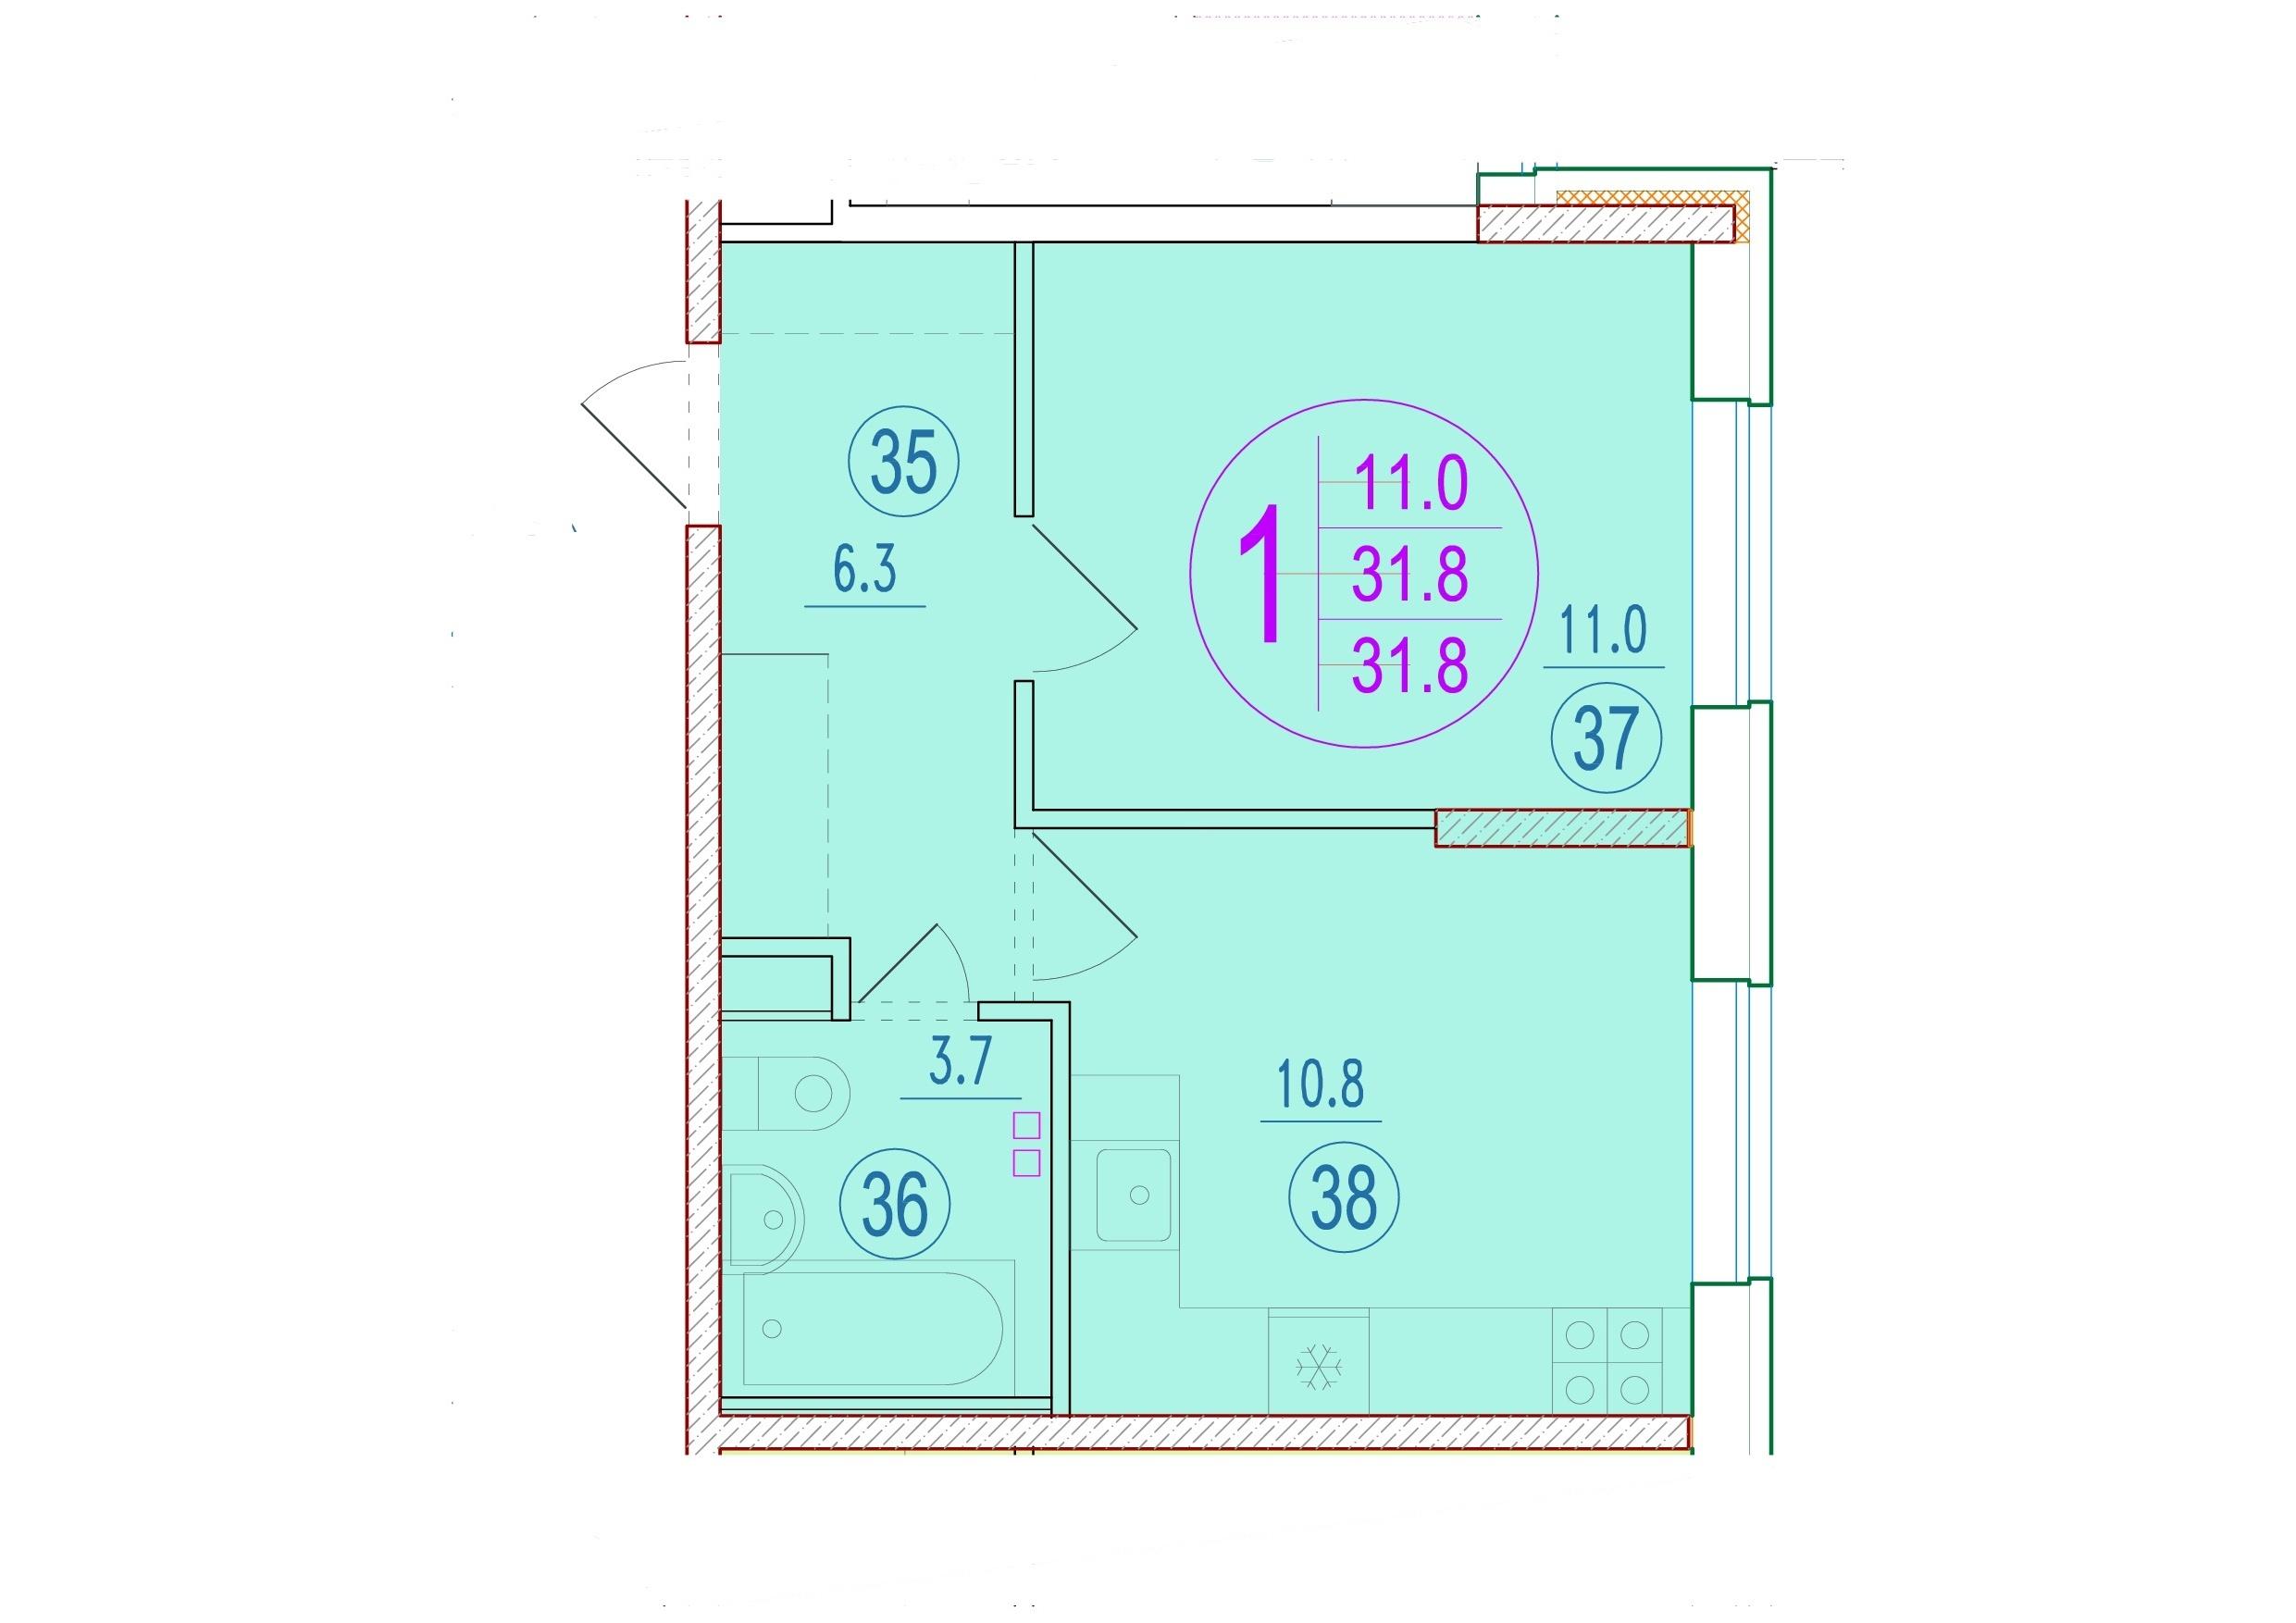 1-комнатная 31.8<span>м<sup>2</sup></span>